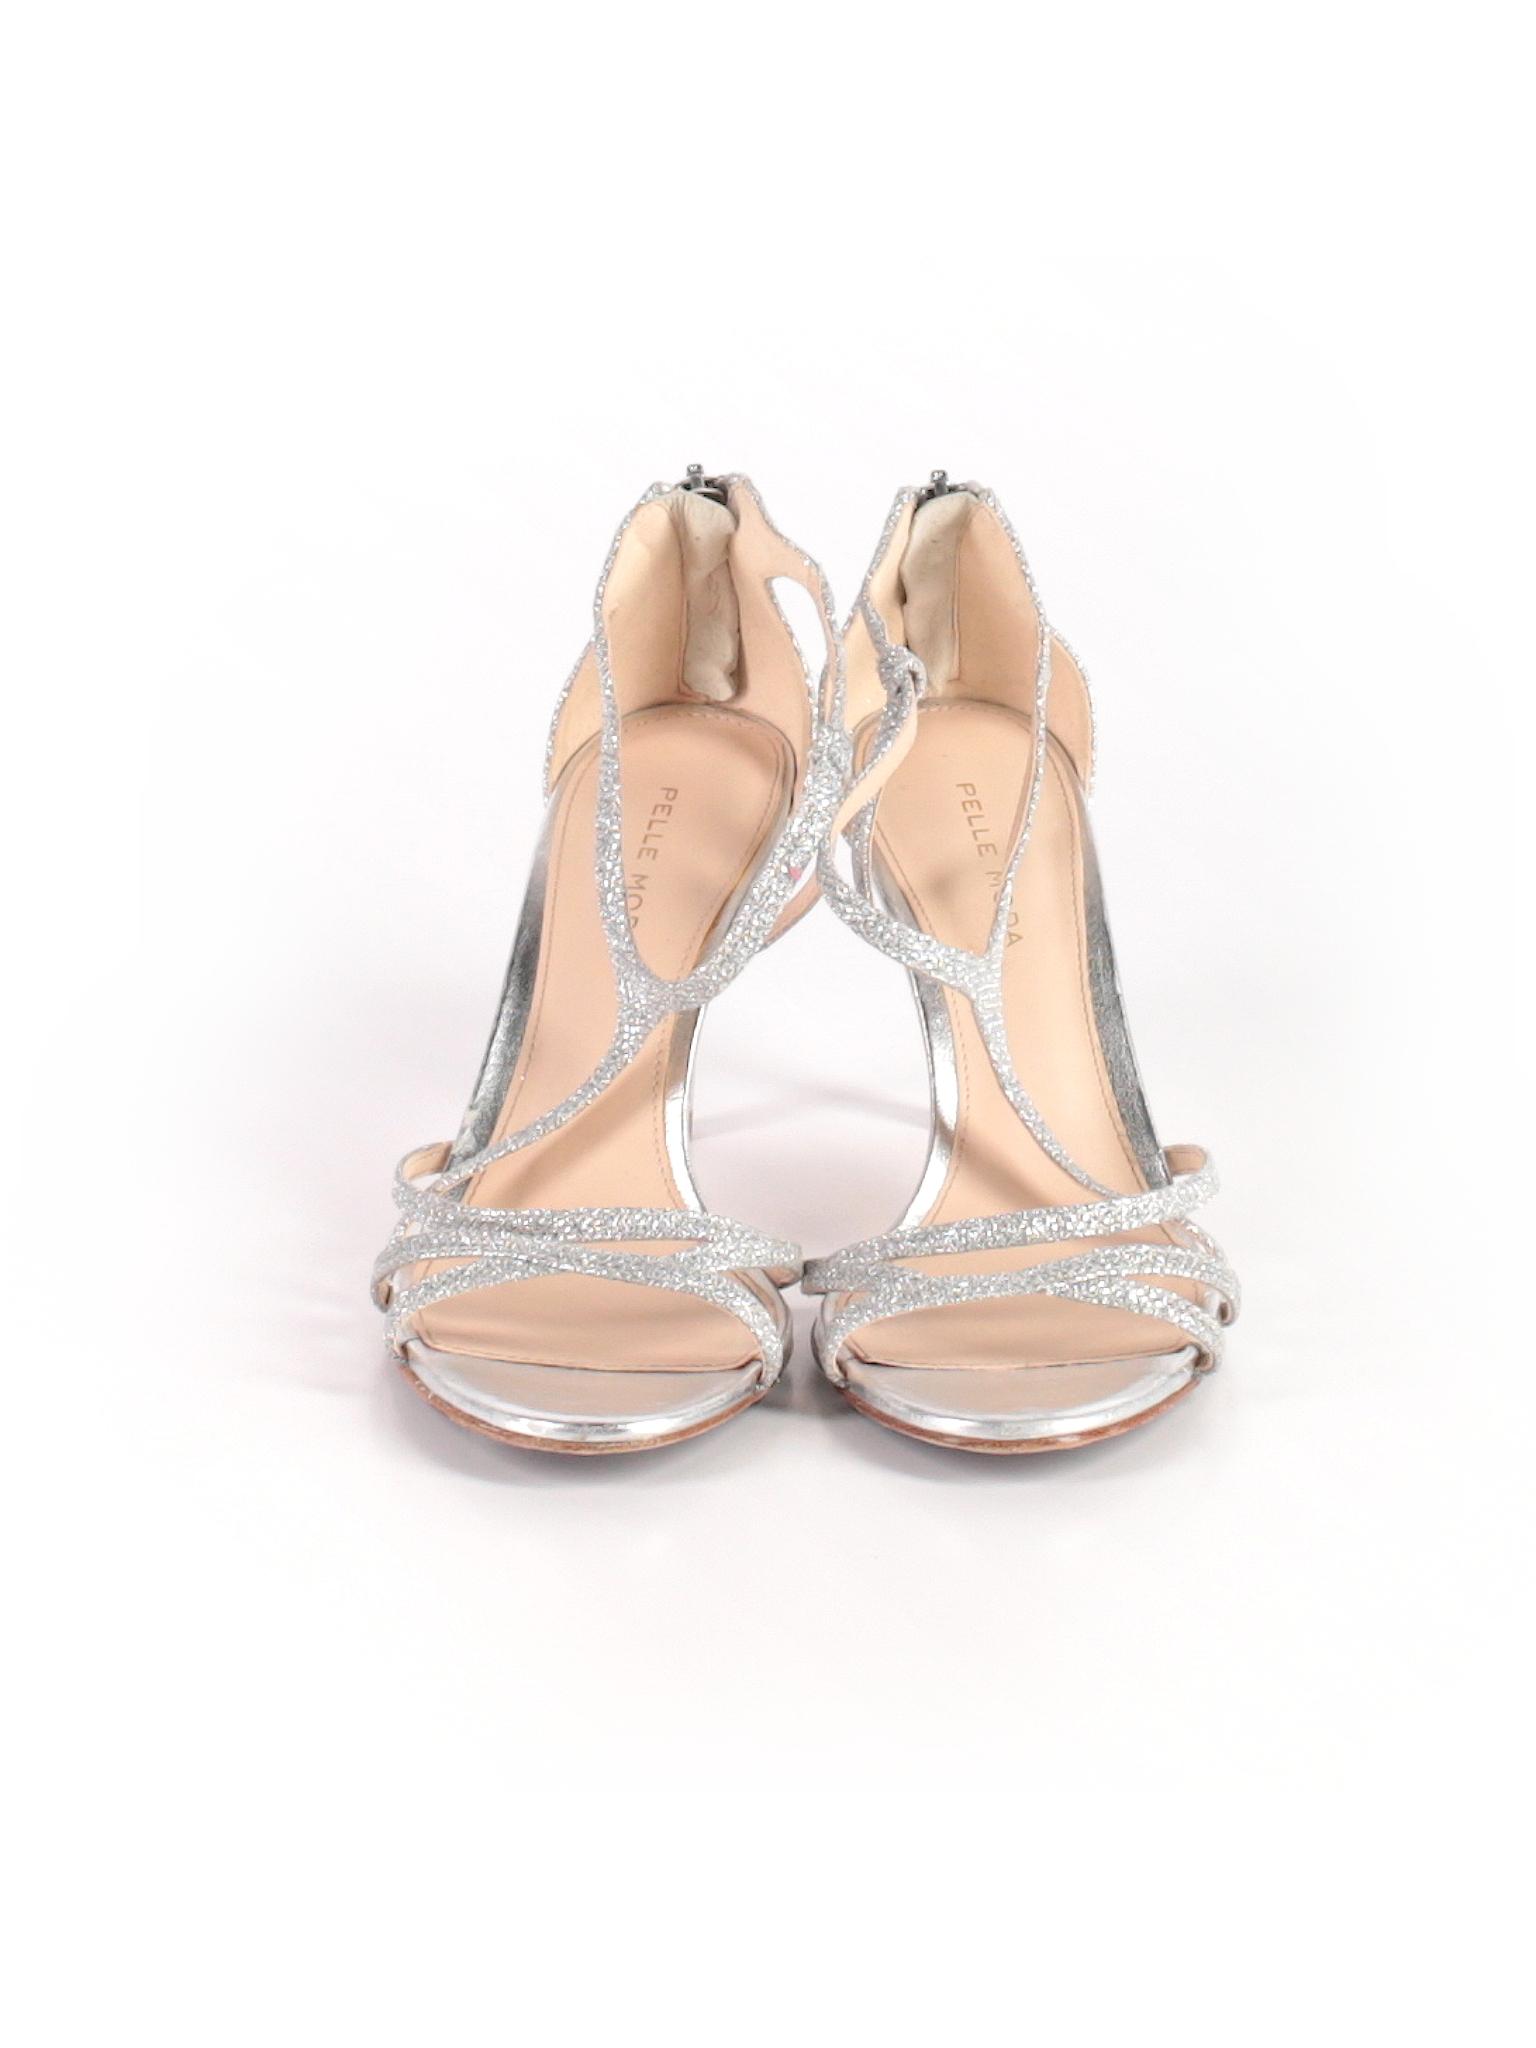 Boutique Pelle Pelle Heels Moda Moda promotion Pelle Boutique promotion Boutique Heels Boutique Moda Heels promotion 0zZz7n